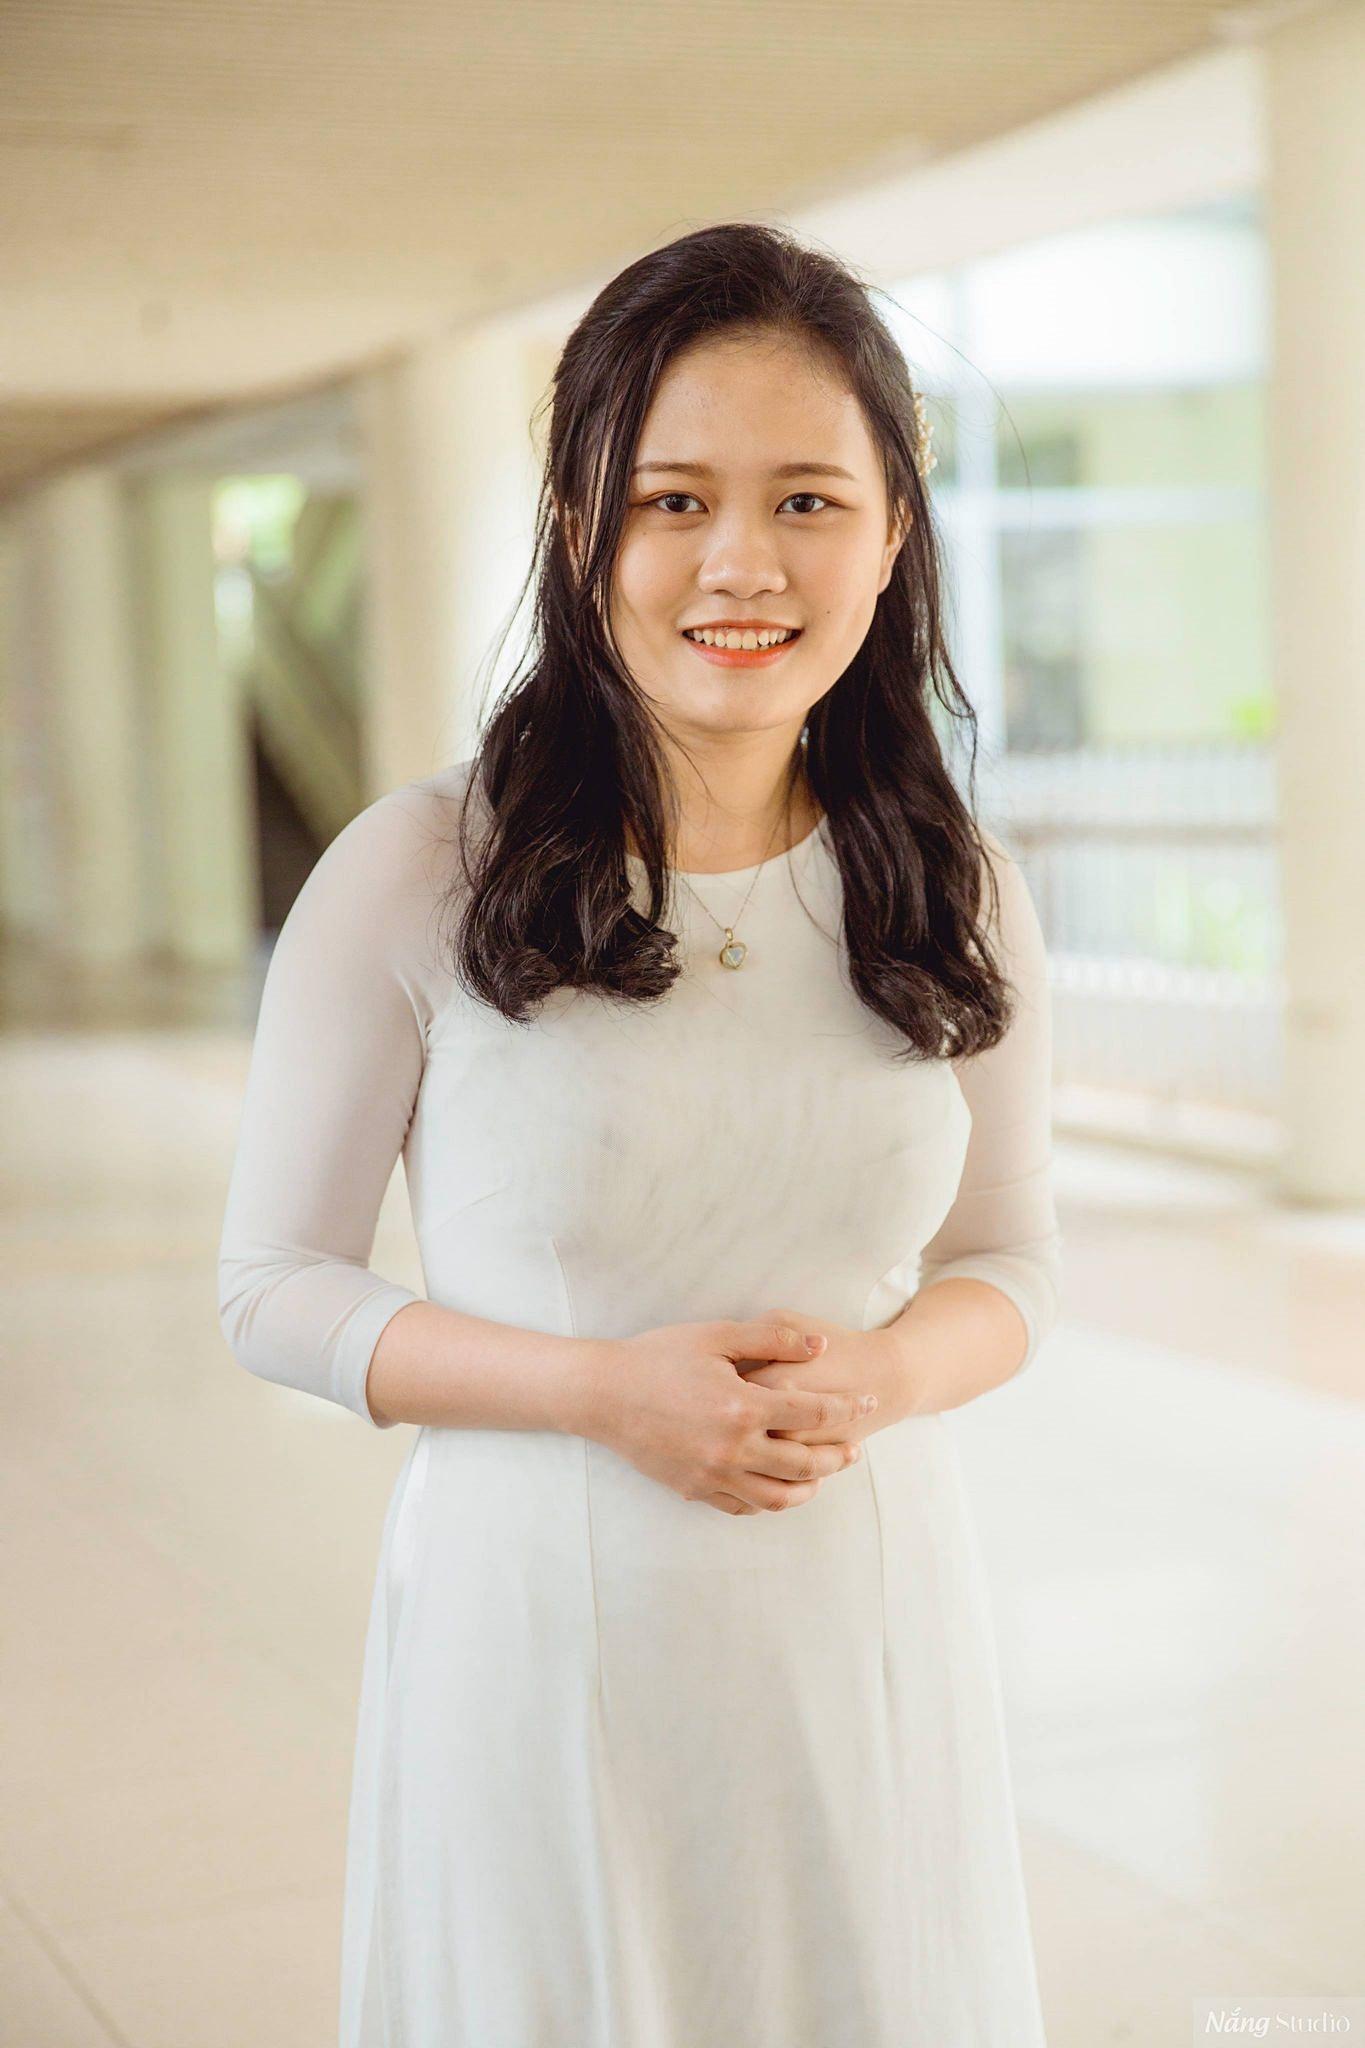 Nguyễn Lê Thảo Anh, lớp 12 Hóa 1, trường THPT chuyên Hà Nội-Amsterdam. Ảnh: Nhân vật cung cấp